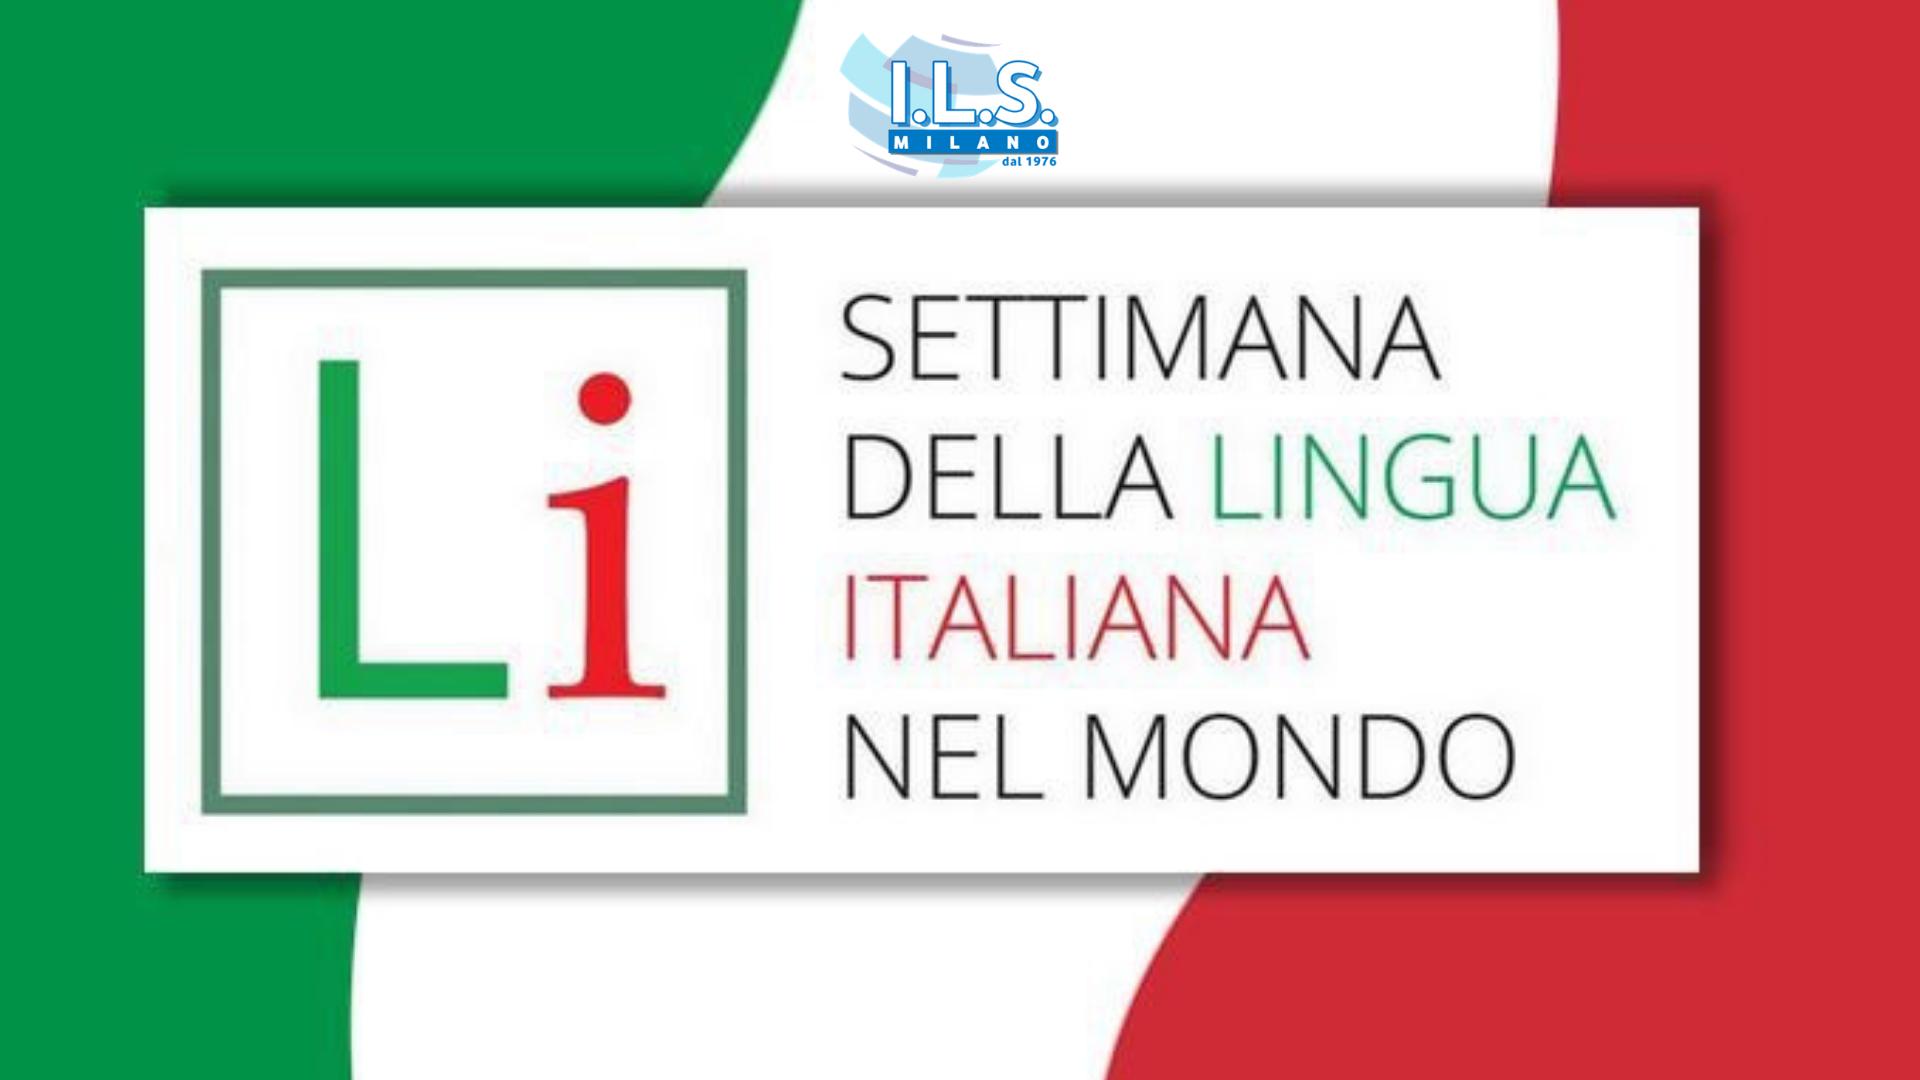 Settimana della lingua italiana nel mondo – 15/21 ottobre